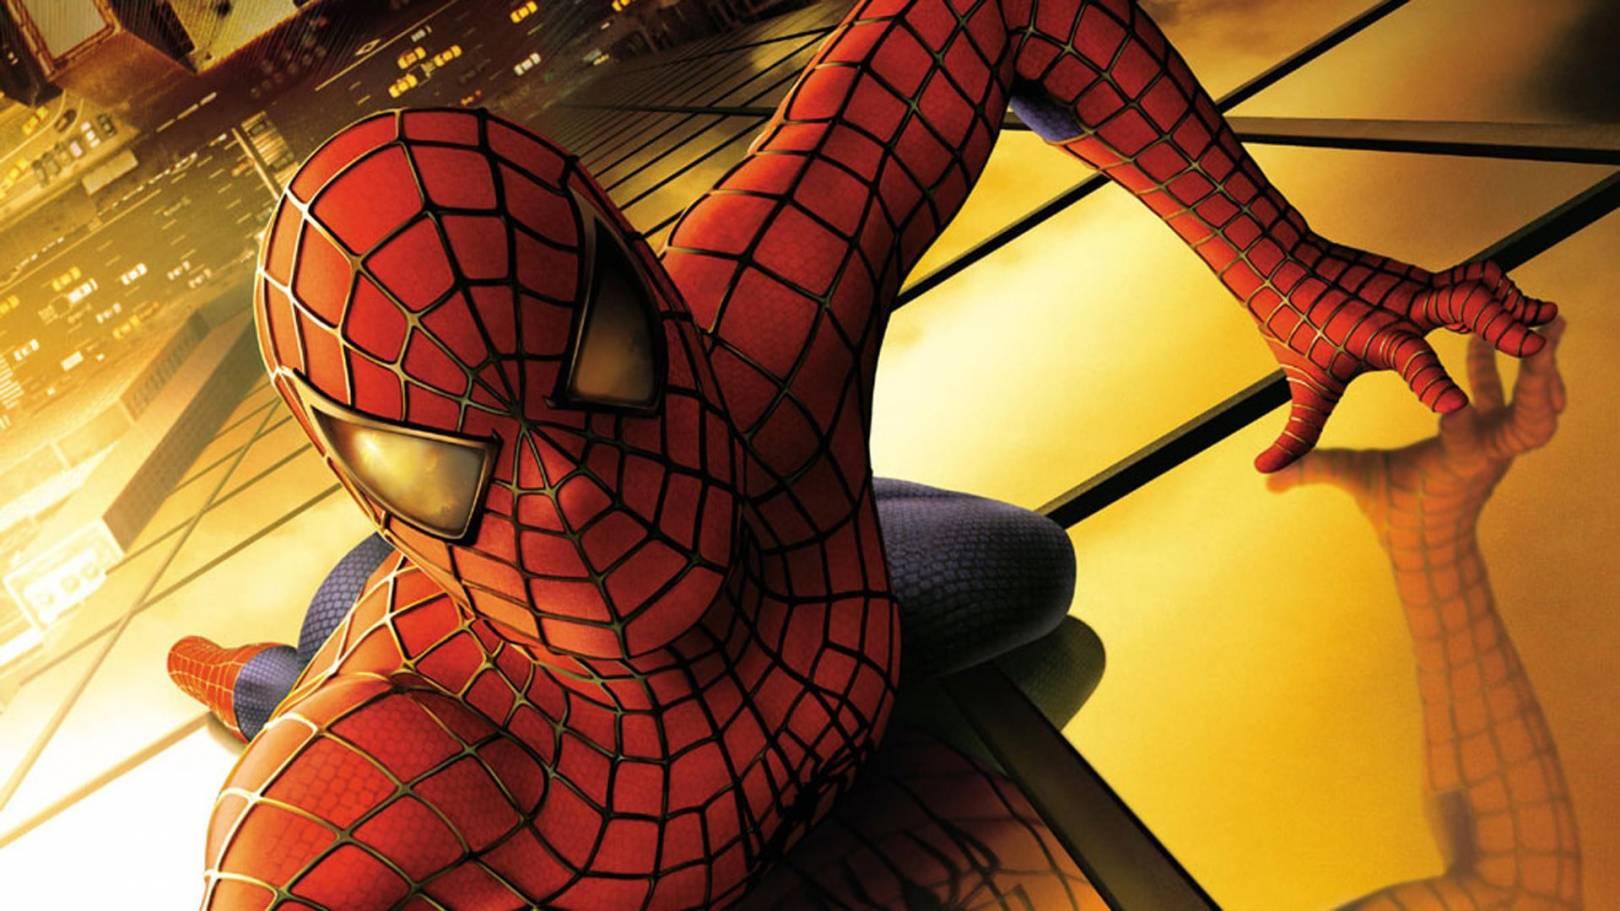 stasera tv spider man tobey Maguire